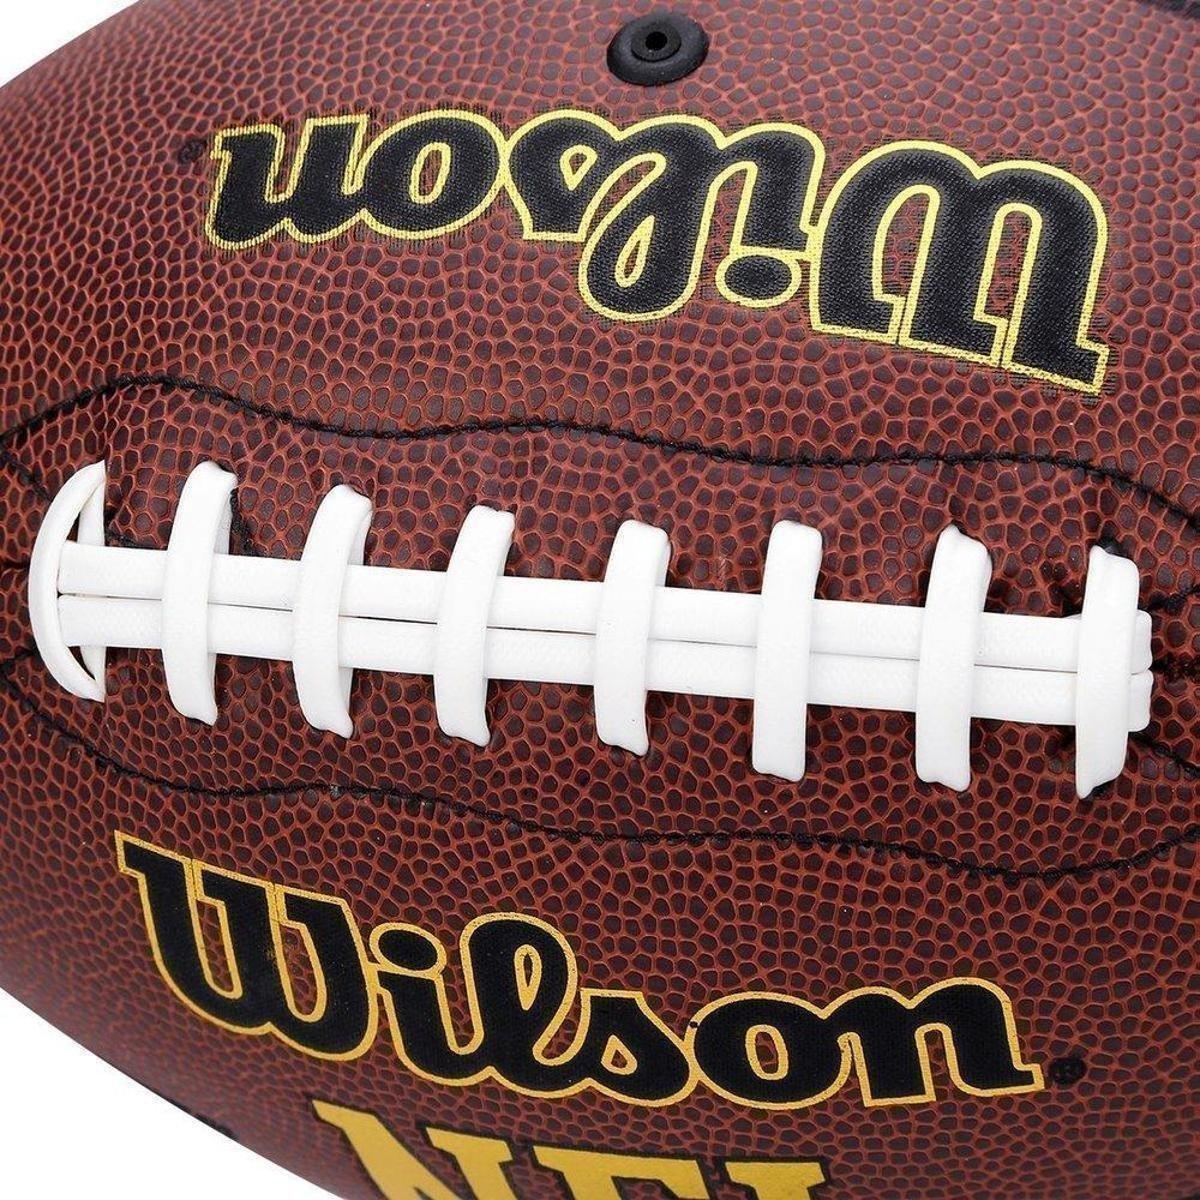 Bola De Futebol Americano Wilson Mvp Nfl - Marrom - Compre Agora ... b535b91a94ee0